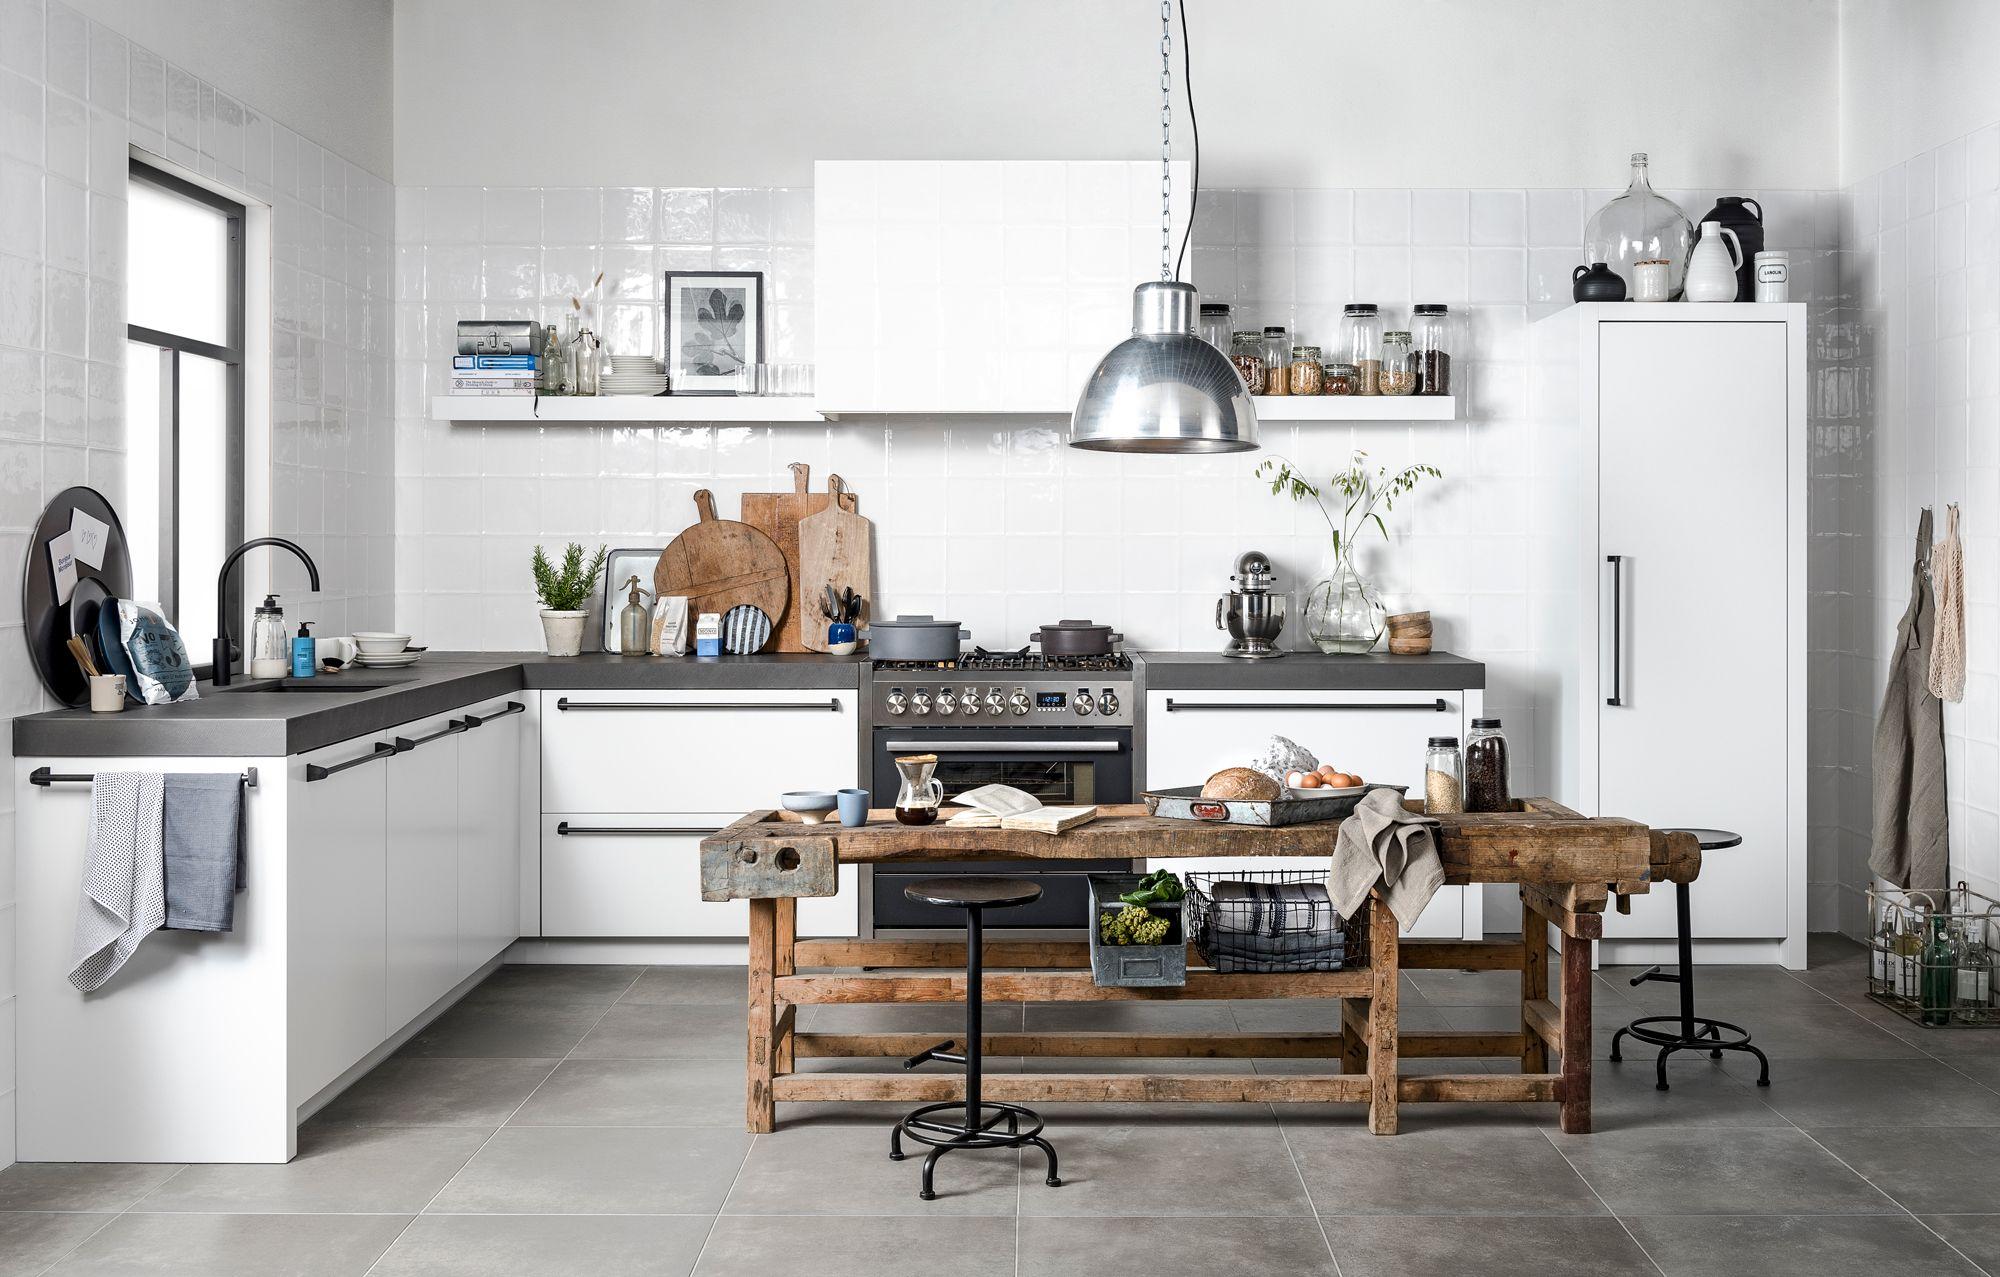 Vtwonen Keuken Houten : Nieuw de vtwonen keuken houten of witte fronten eiland of hoek